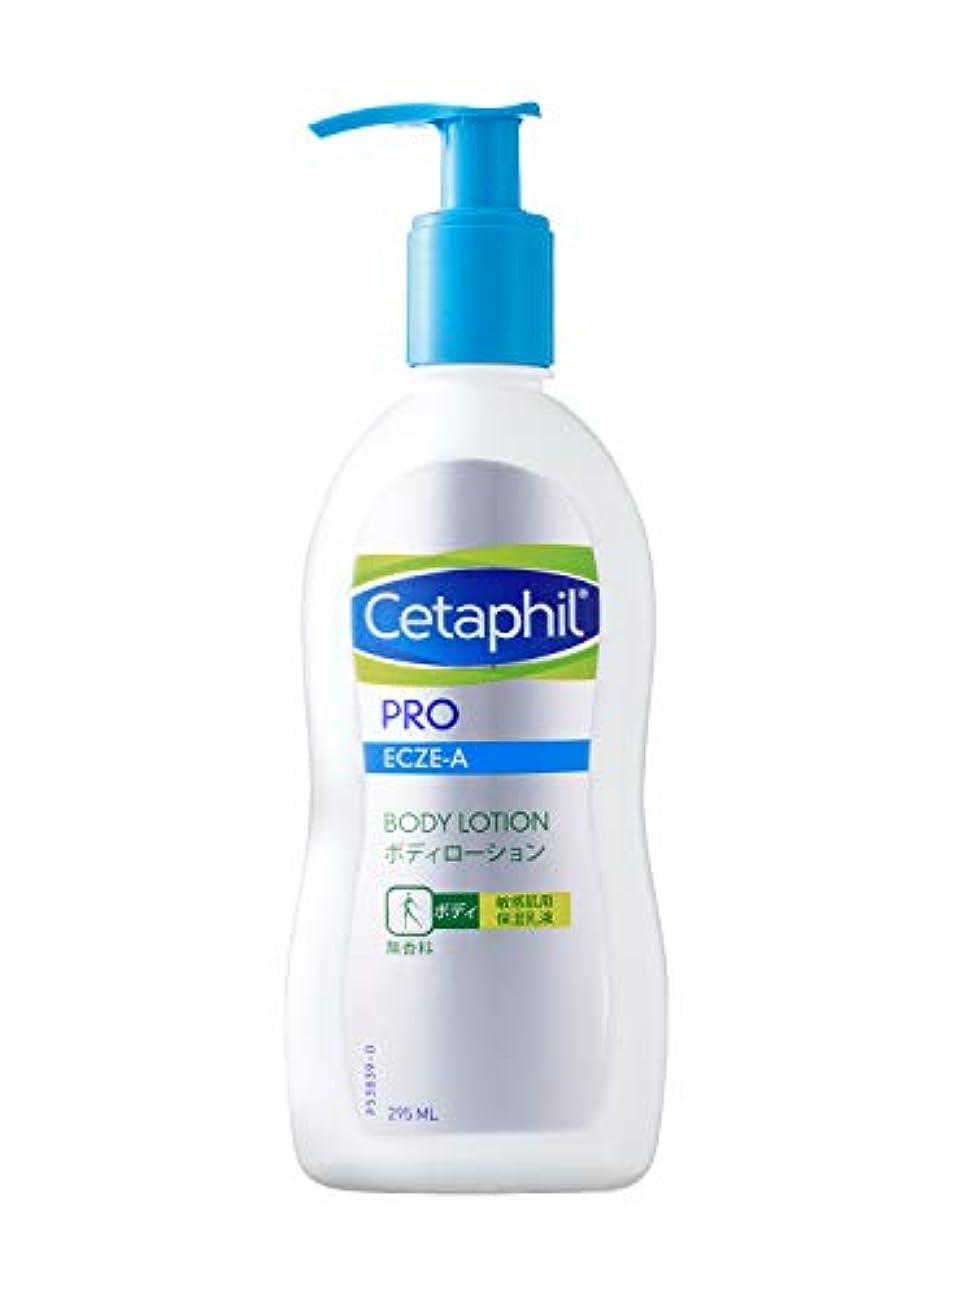 慣性寛容虐待セタフィル Cetaphil ® PRO ボディローション 295ml (敏感肌用保湿乳液 乾燥肌 敏感肌 低刺激性 保湿乳液 ローション)